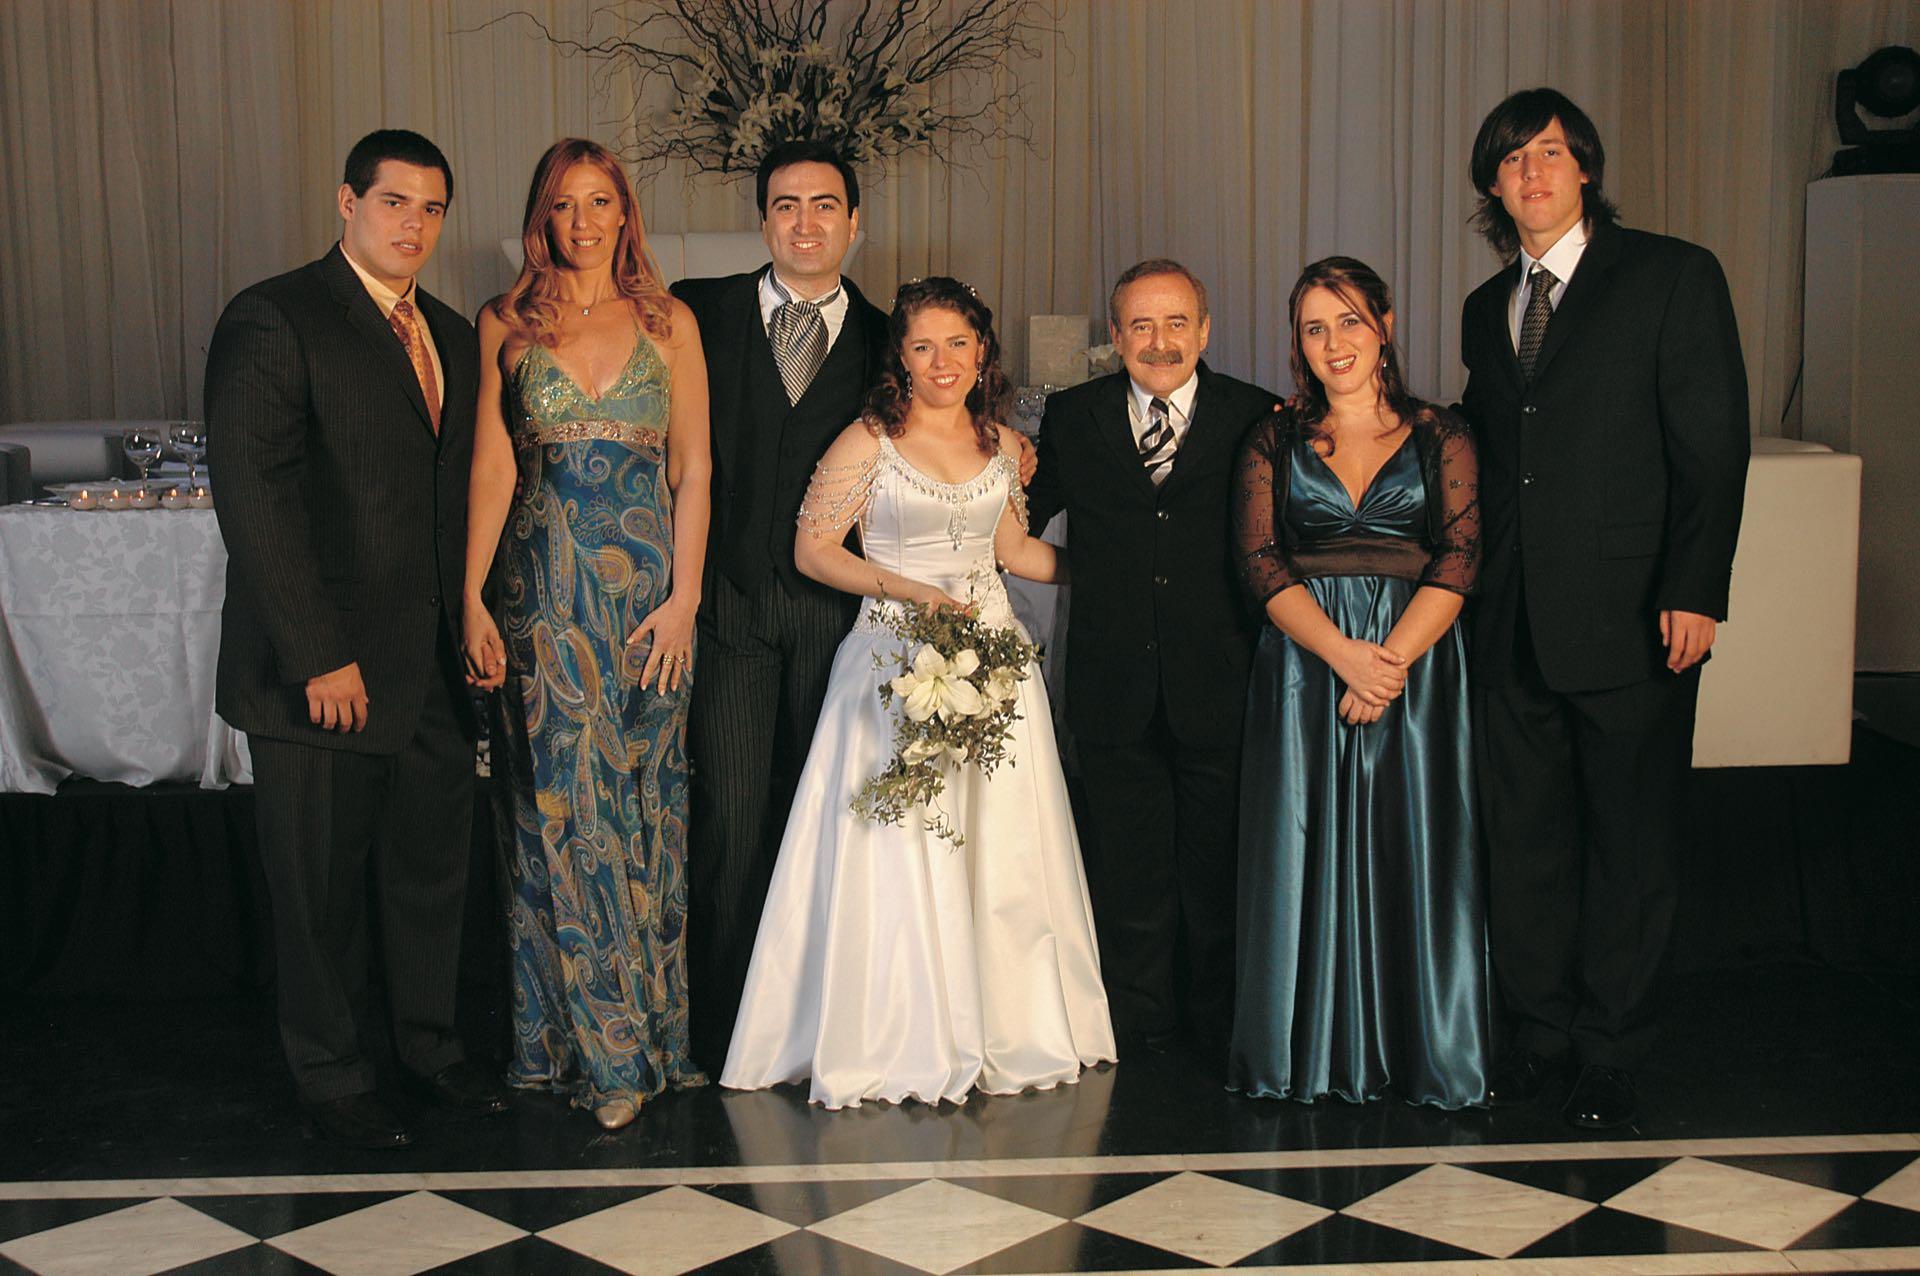 La familia unida, en el casamiento de Soledad con Andrés Trebliner, en agosto de 2007. Ocurrió en el Palais Rouge y hubo 220 invitados. (Foto Archivo GENTE)